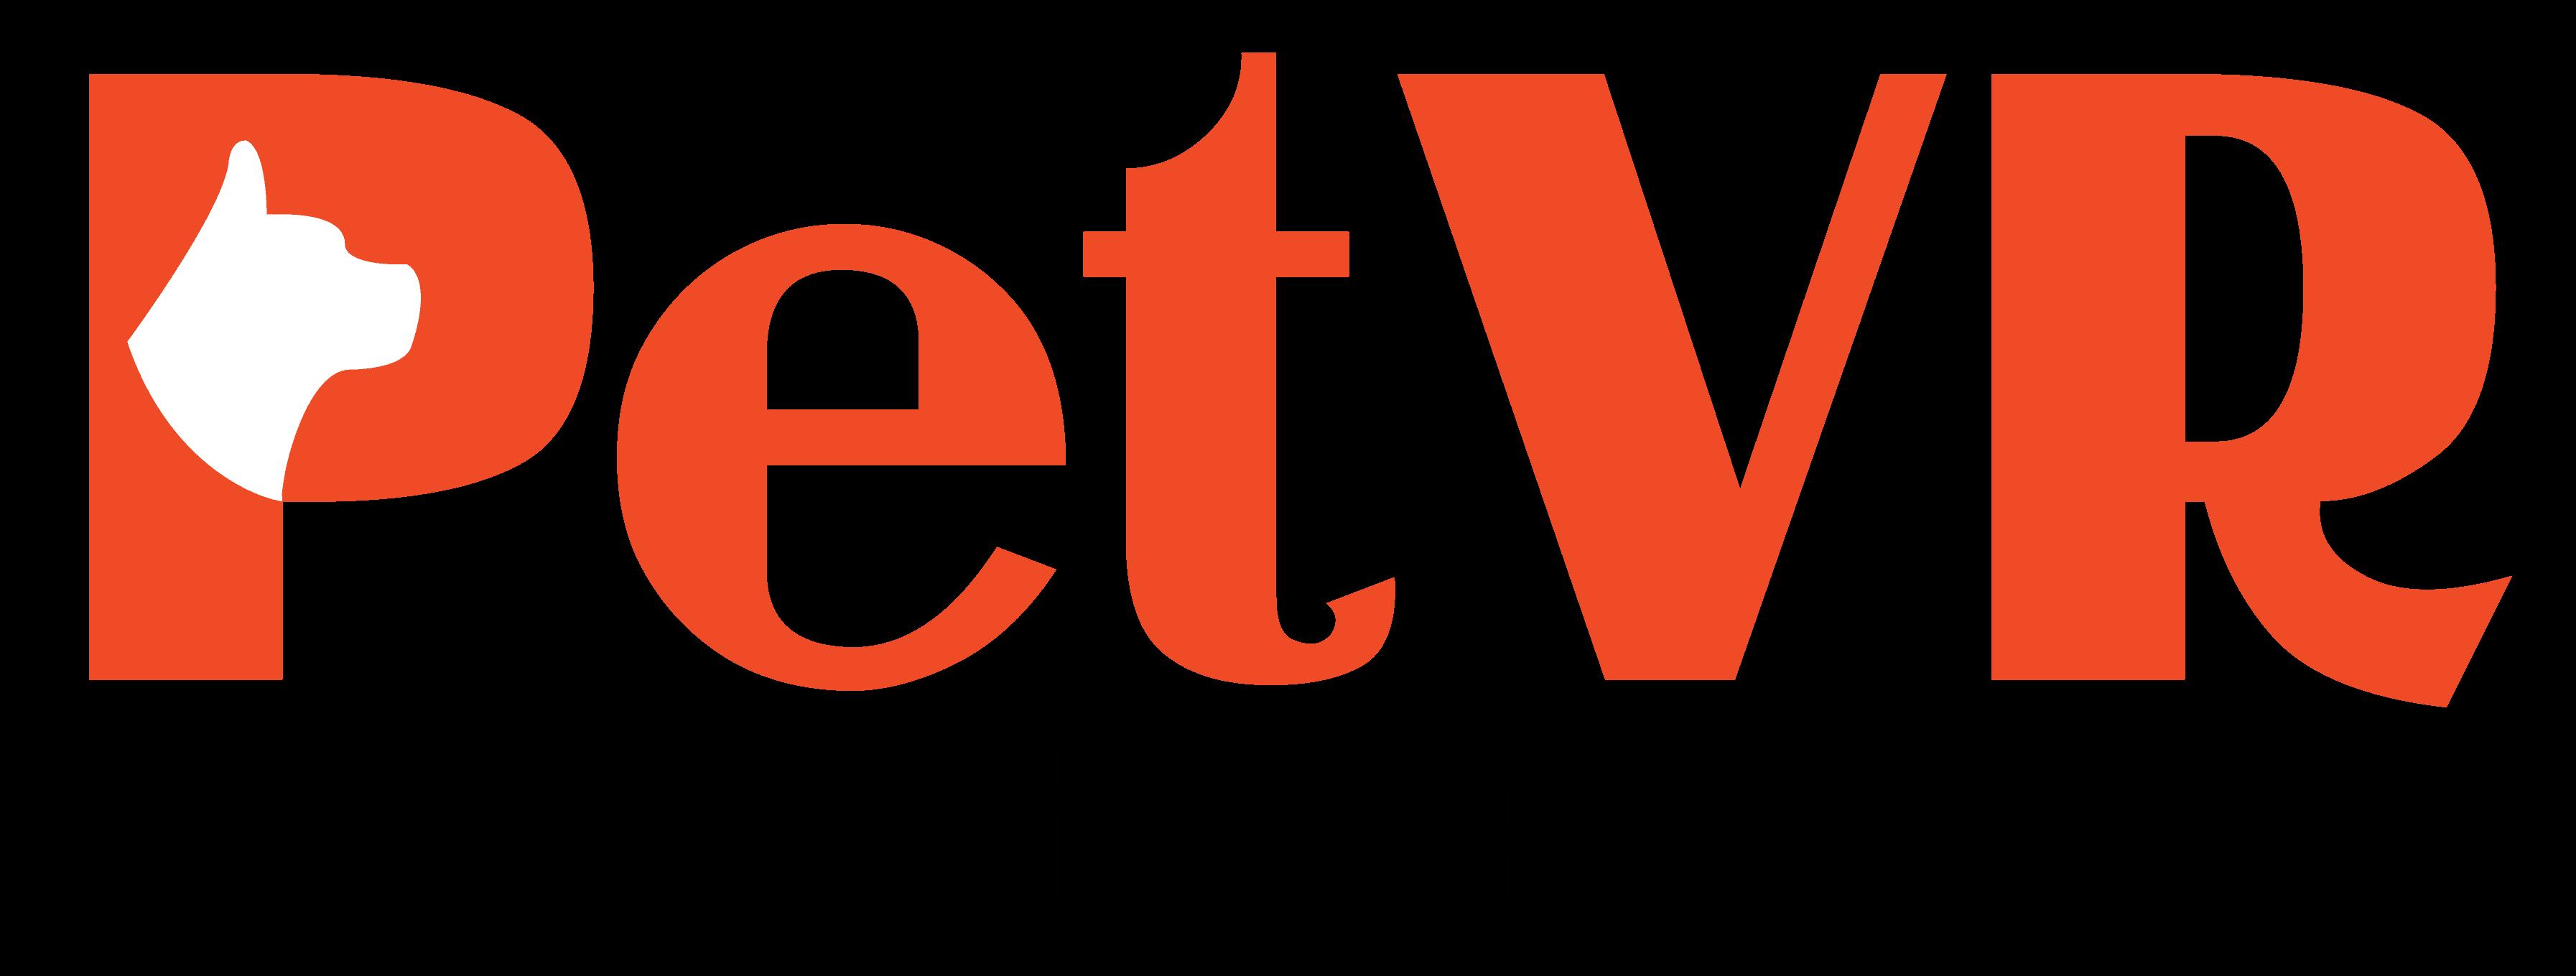 PetVR.com